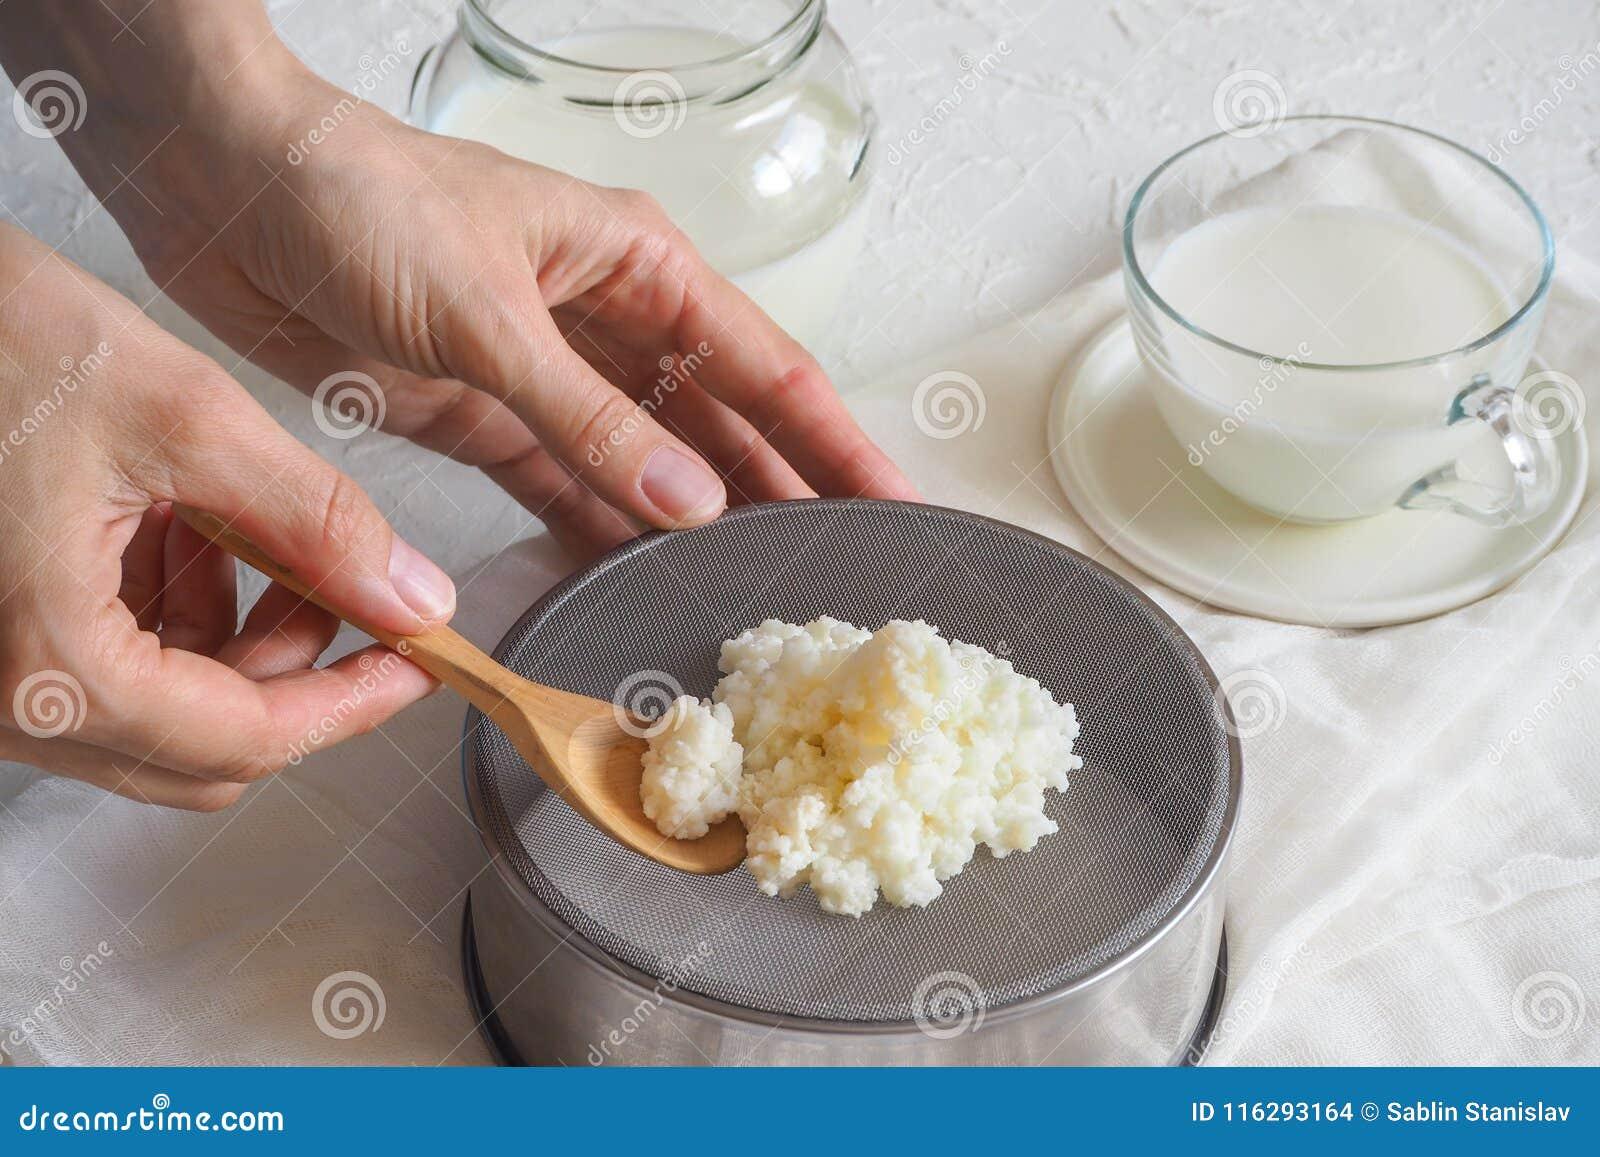 Tybetańczyka mleka pieczarka Organicznie probiotic dojne kefir adra Pojęcie zdrowa dieta fortyfikowanie i system odpornościowy